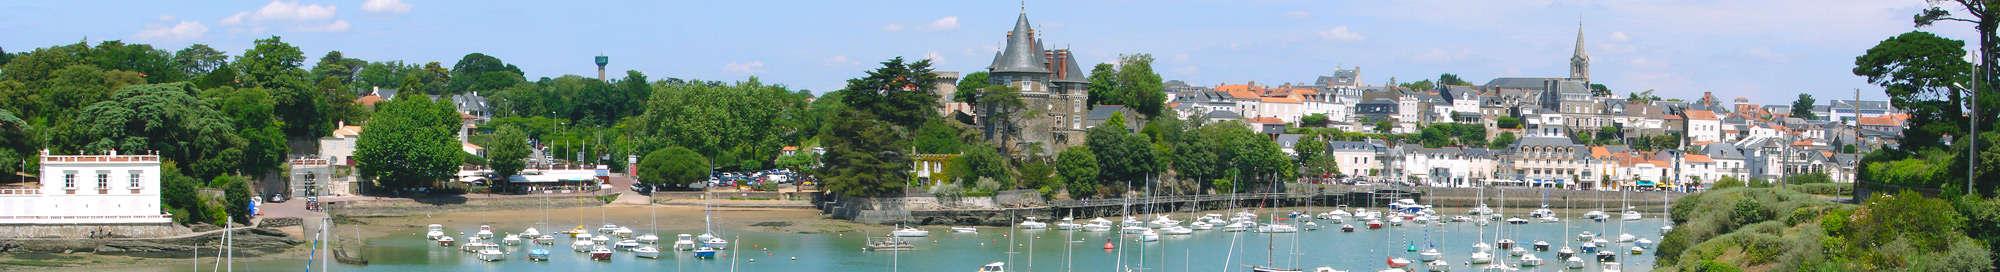 Week-end et séjour en Pays de la Loire